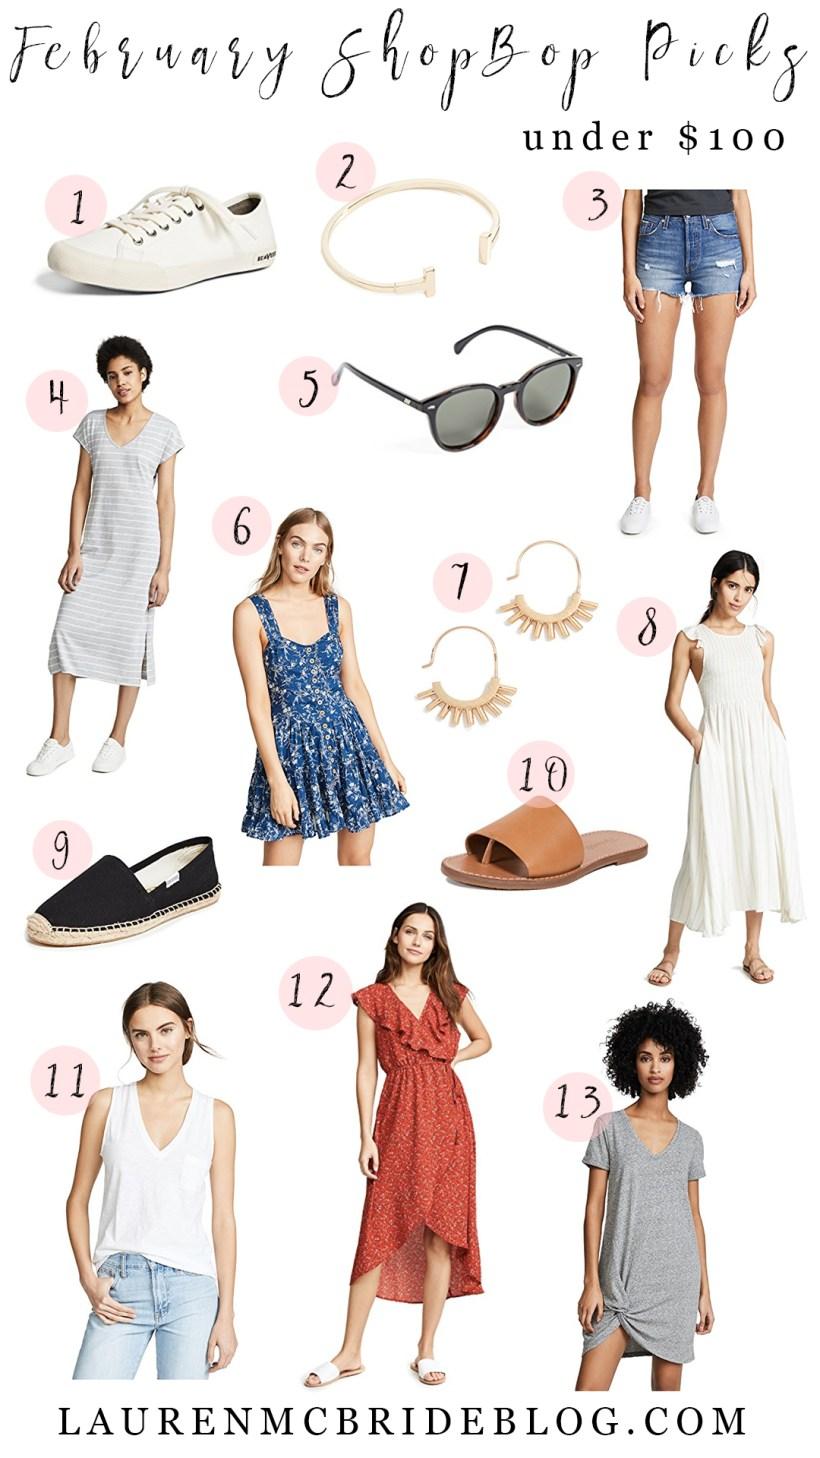 b01a64fbe41 ShopBop Finds Under  100 - Lauren McBride